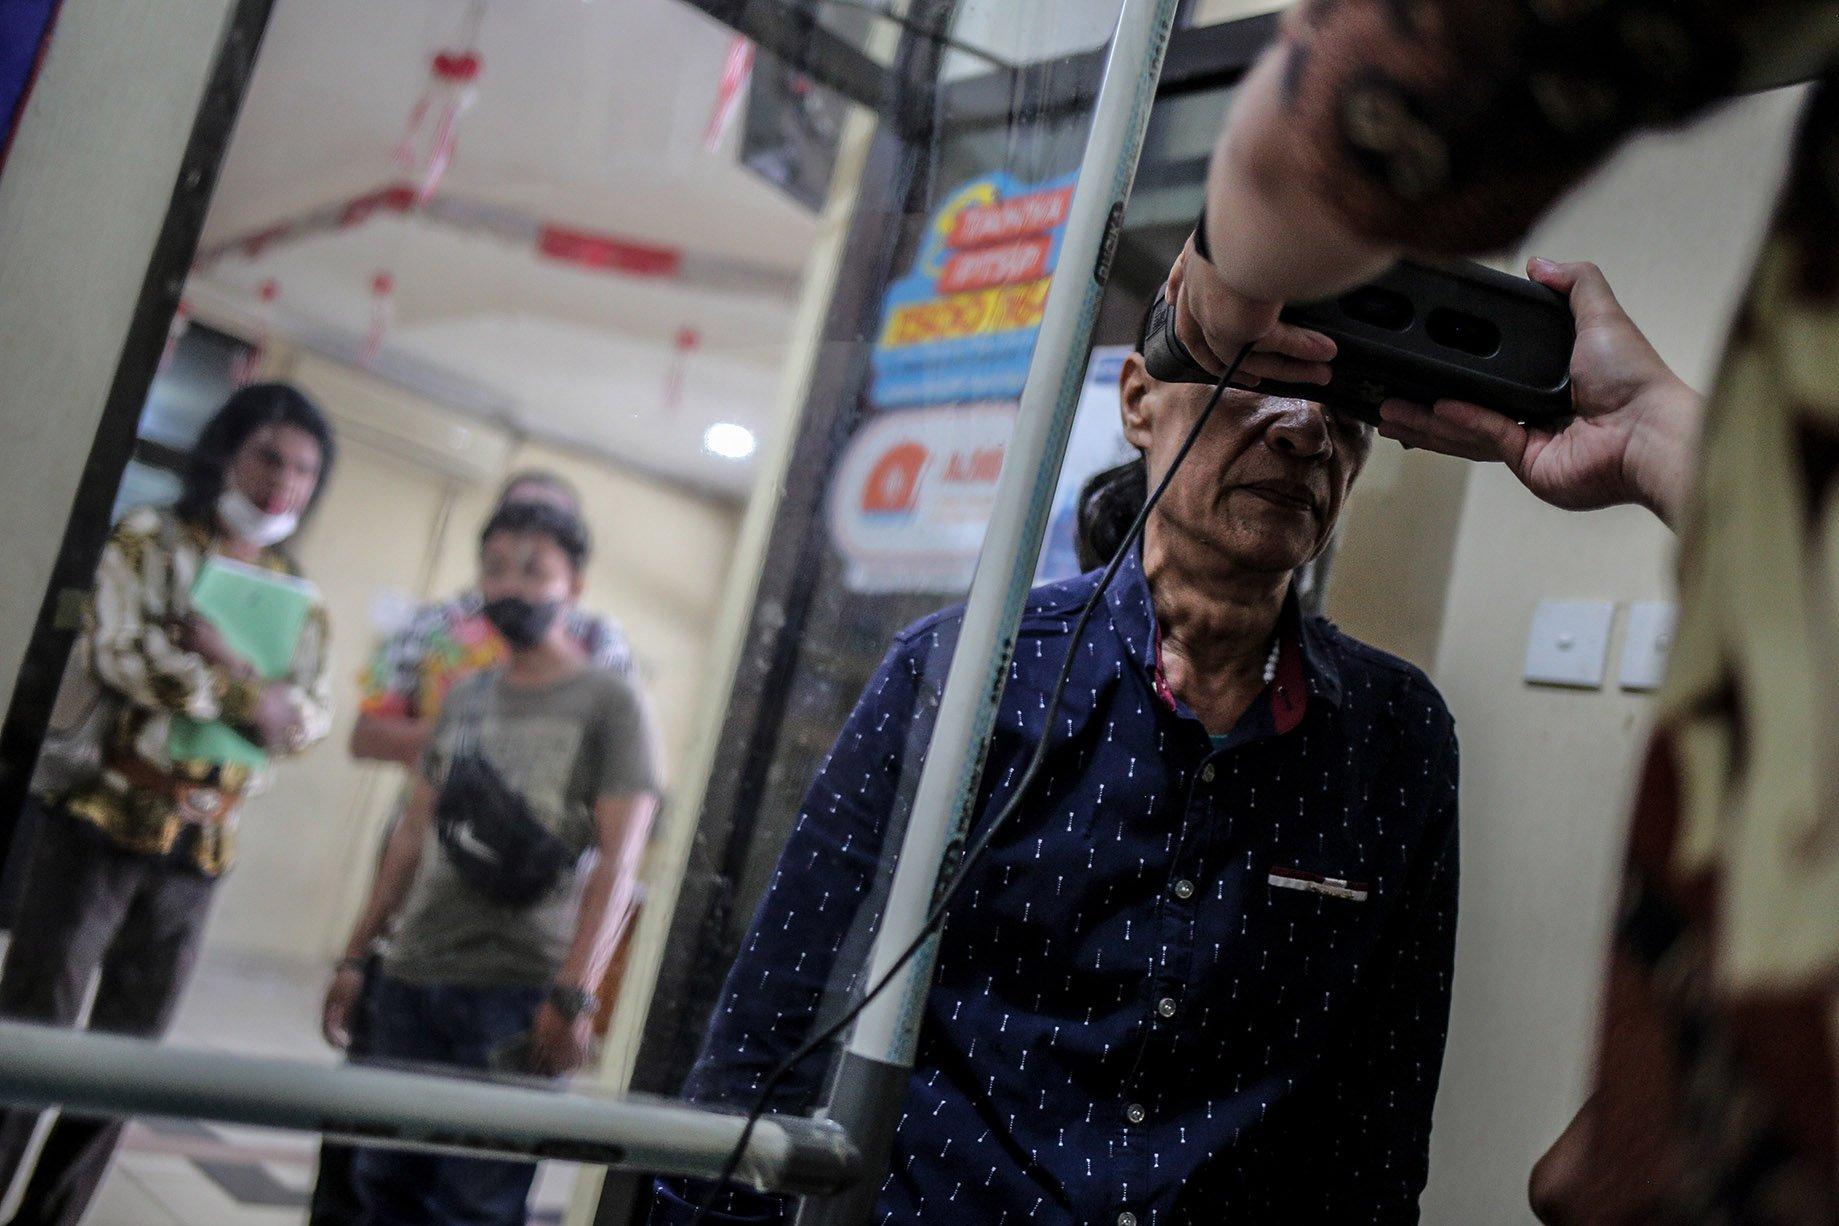 Seorang transpuan melakukan tes biometrik untuk membuat KTP Elektronik di Kantor Kelurahan Cilandak Barat, Jakarta Selatan, Jakarta, Kamis (16/9/2021). Kepemilikan KTP elektronik bagi transgender perempuan (transpuan) agar mereka bisa mendapatkan pelayanan publik seperti jaminan sosial, kesehatan, hingga pendidikan.